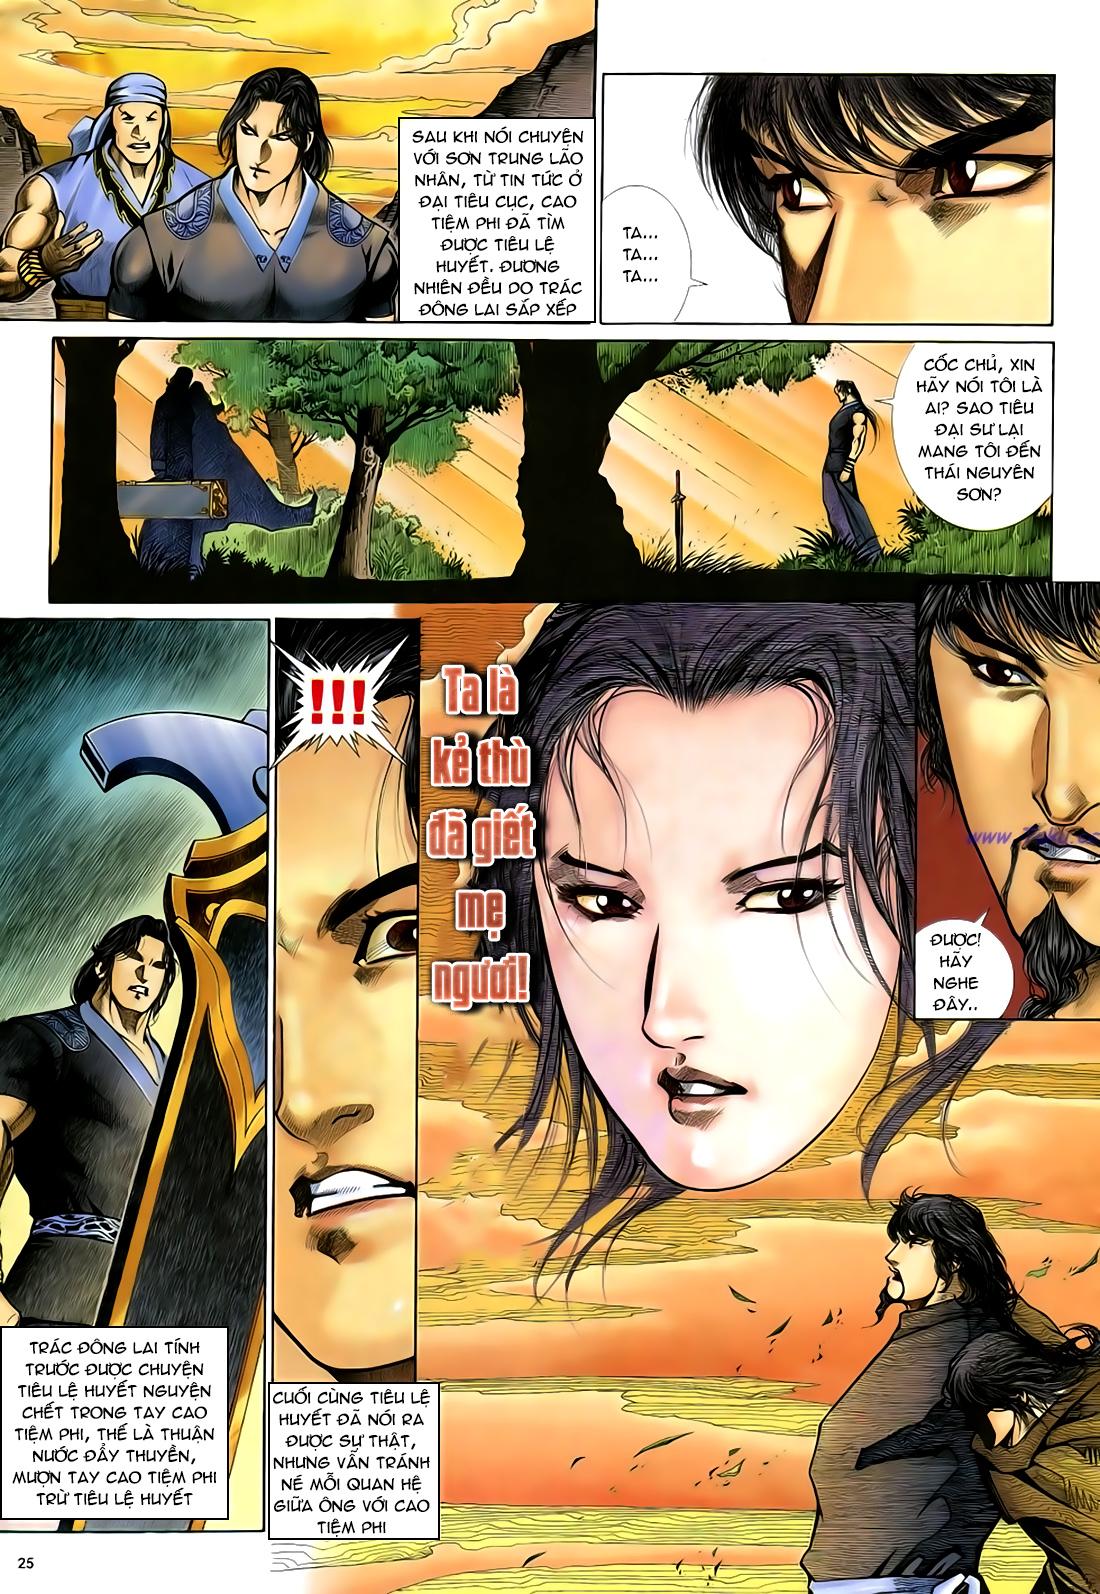 Anh hùng vô lệ Chap 29 trang 26